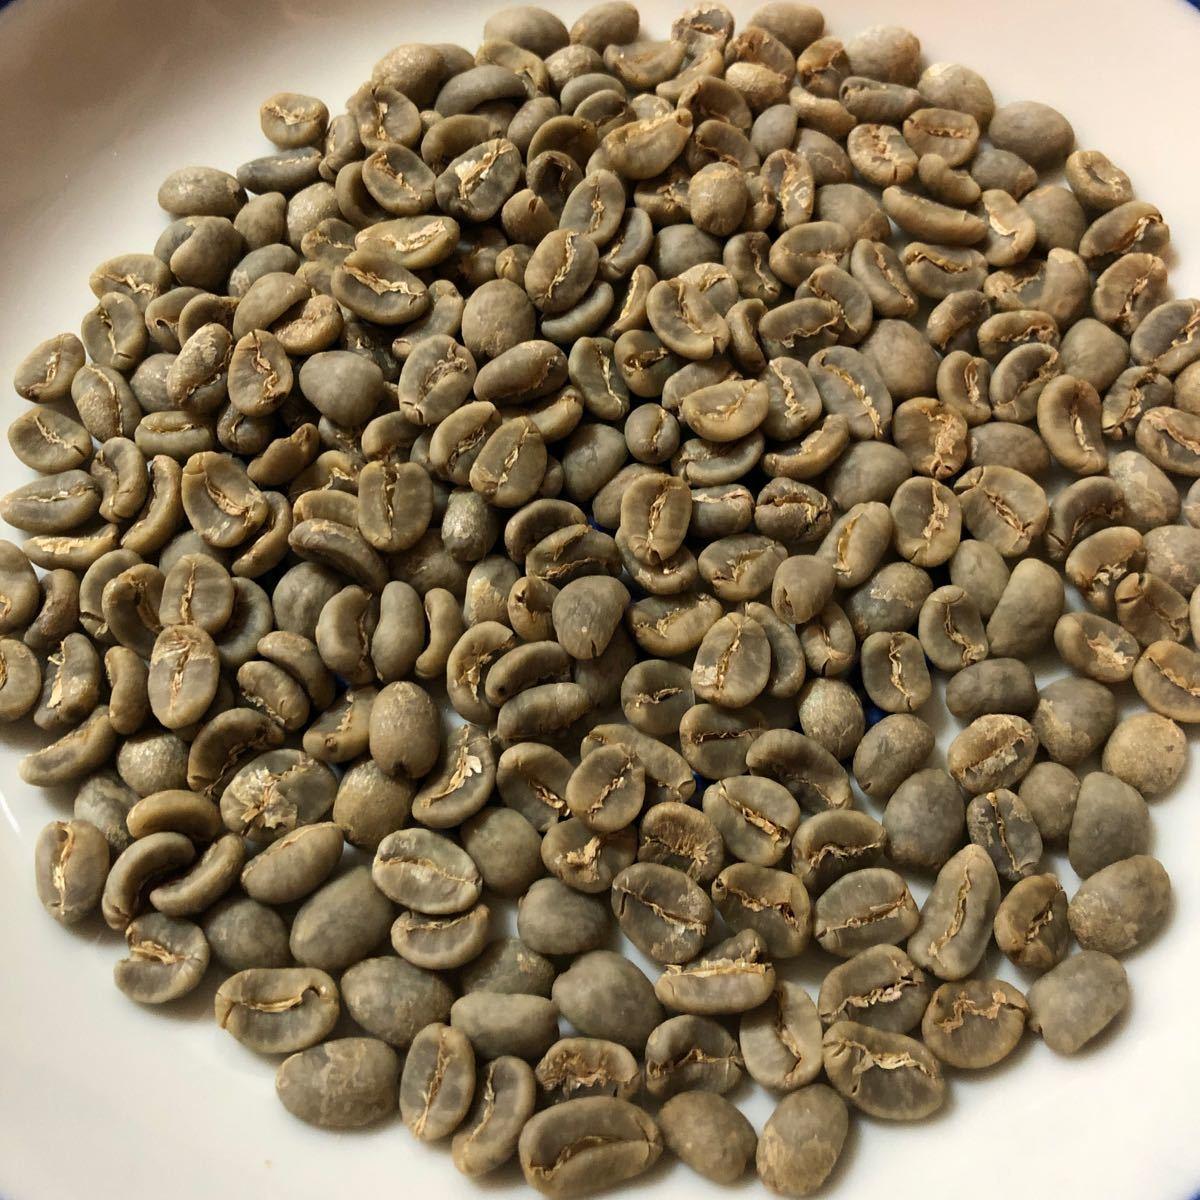 コーヒー 生豆 インドネシア クイーンスマトラ 500g